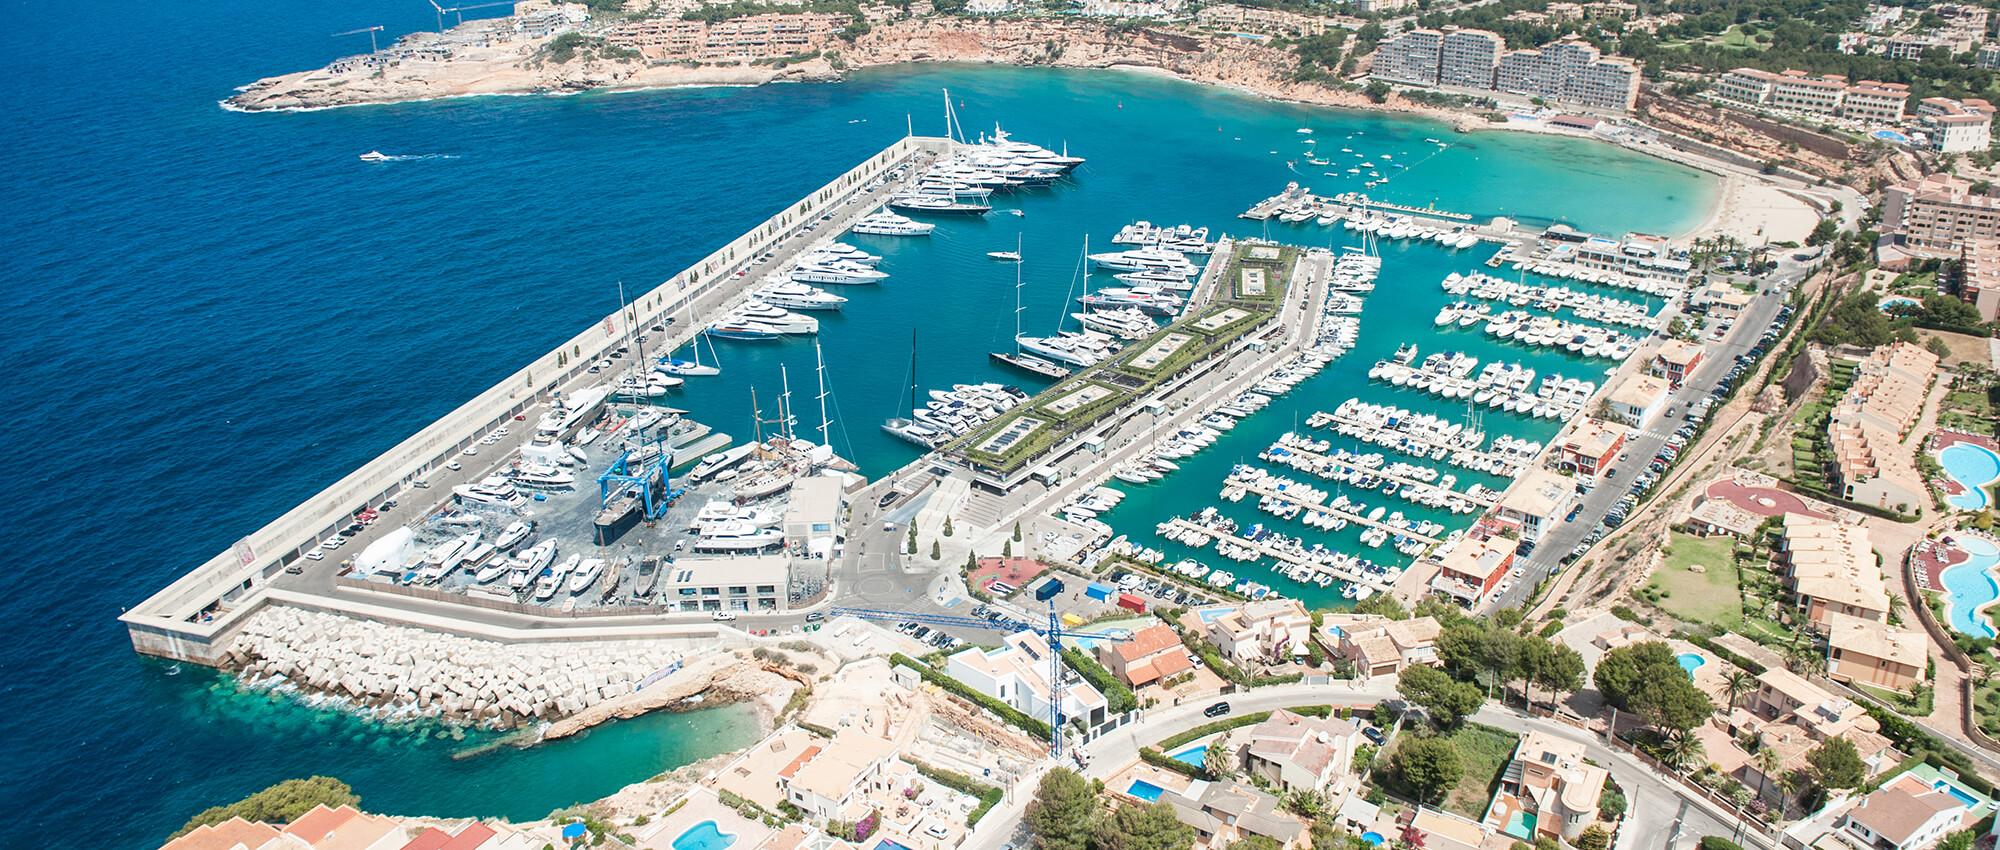 Puertos deportivos de Mallorca, vacaciones en Mallorca, ocio con amigos y familia en Calvià. Ports esportius de Mallorca